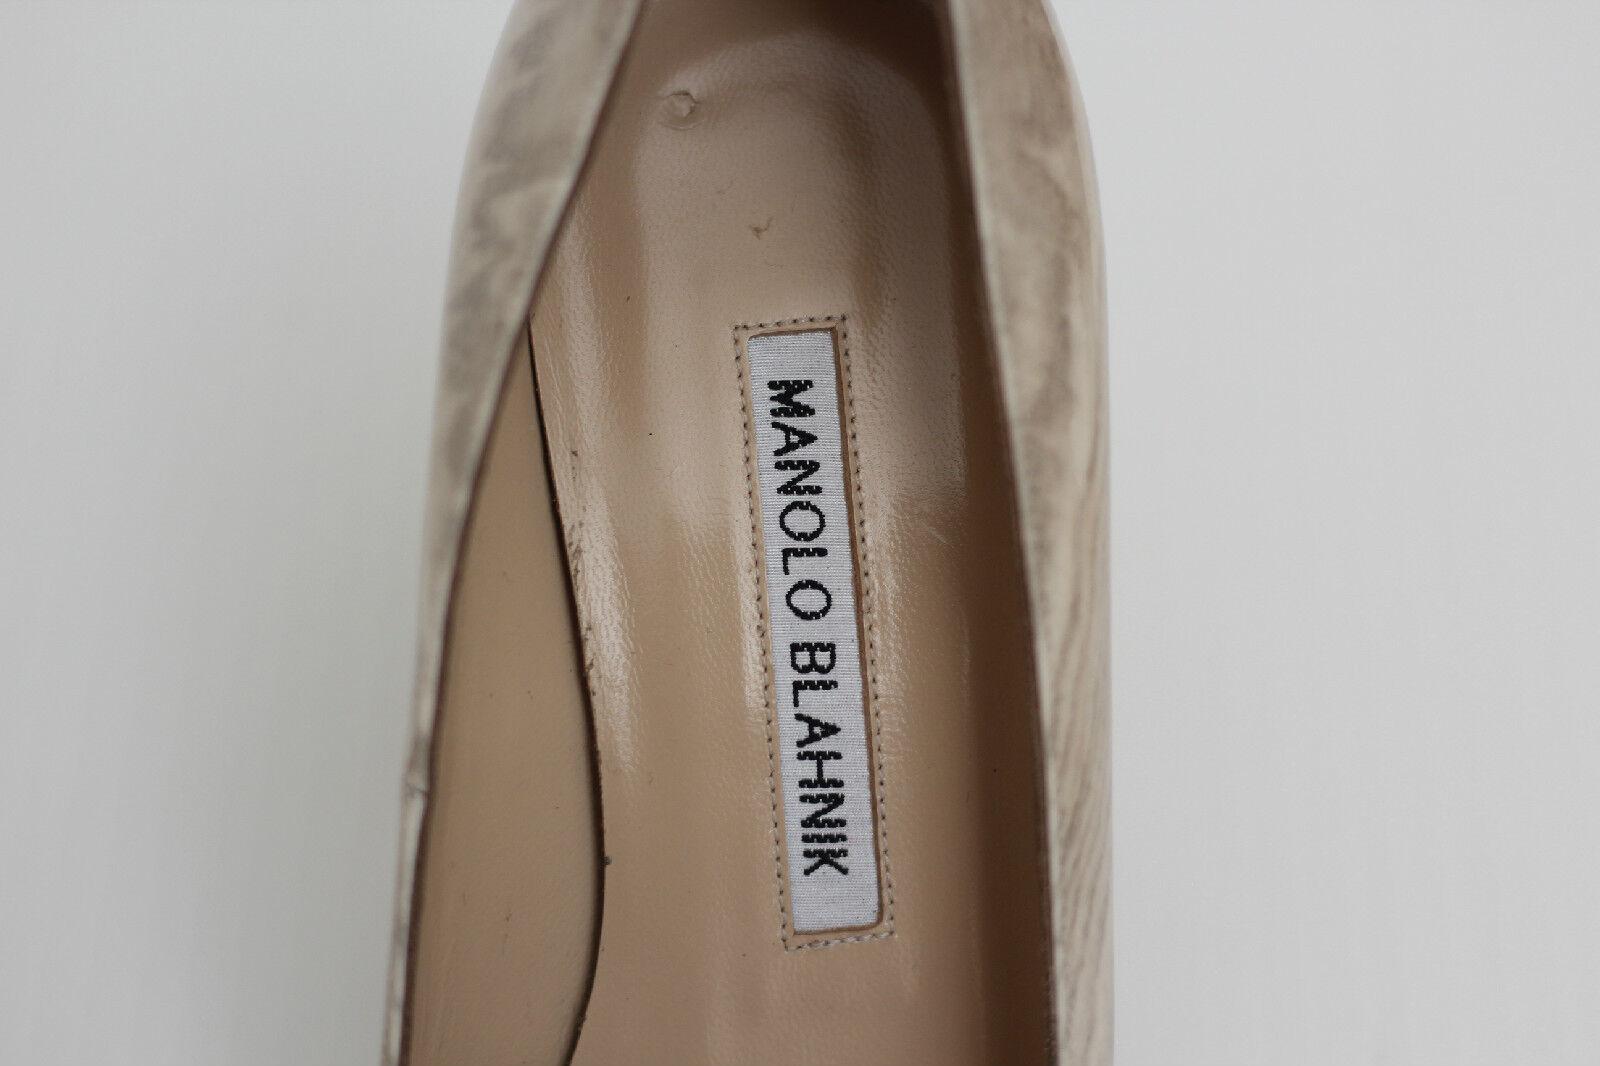 Manolo Blahnik Blahnik Blahnik 'BB' Pointy Toe Pump - Beige Wood Grain- Size 6.5US   36.5 (W92) 6a116c